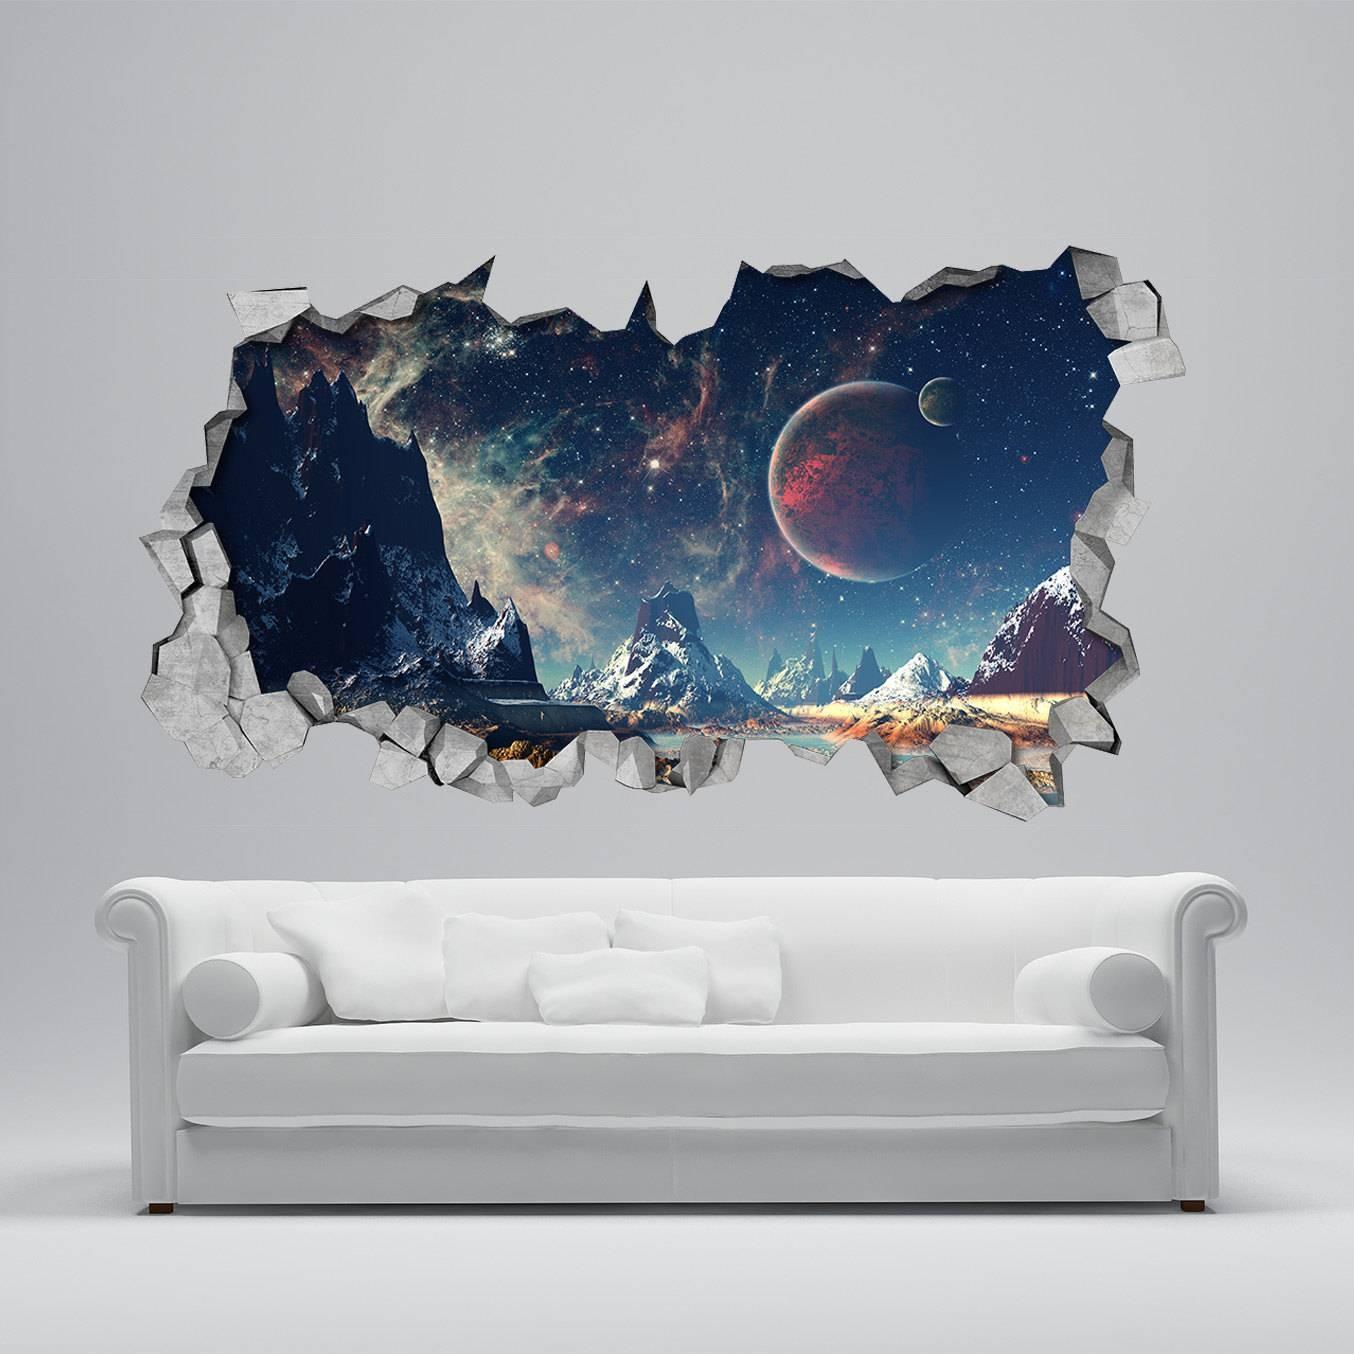 Space Broken Wall Decal 3D Wallpaper 3D Wall Decals 3D Pertaining To Latest Venezuela Wall Art 3D (View 17 of 20)